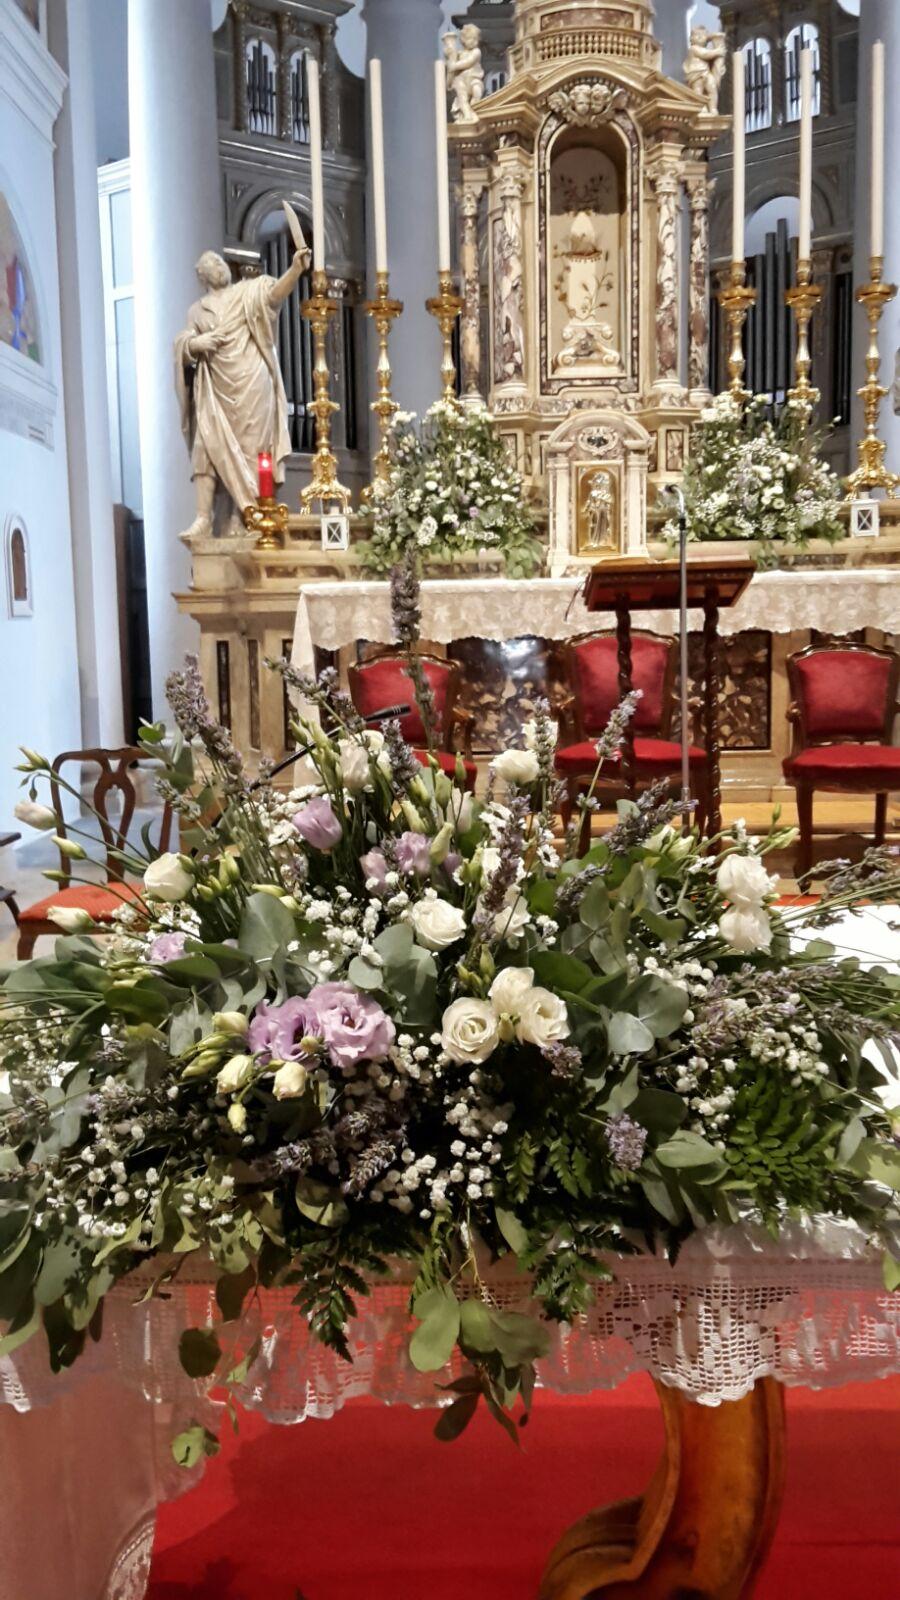 Matrimonio In Bosco : Matrimonio il bosco entra in chiesa